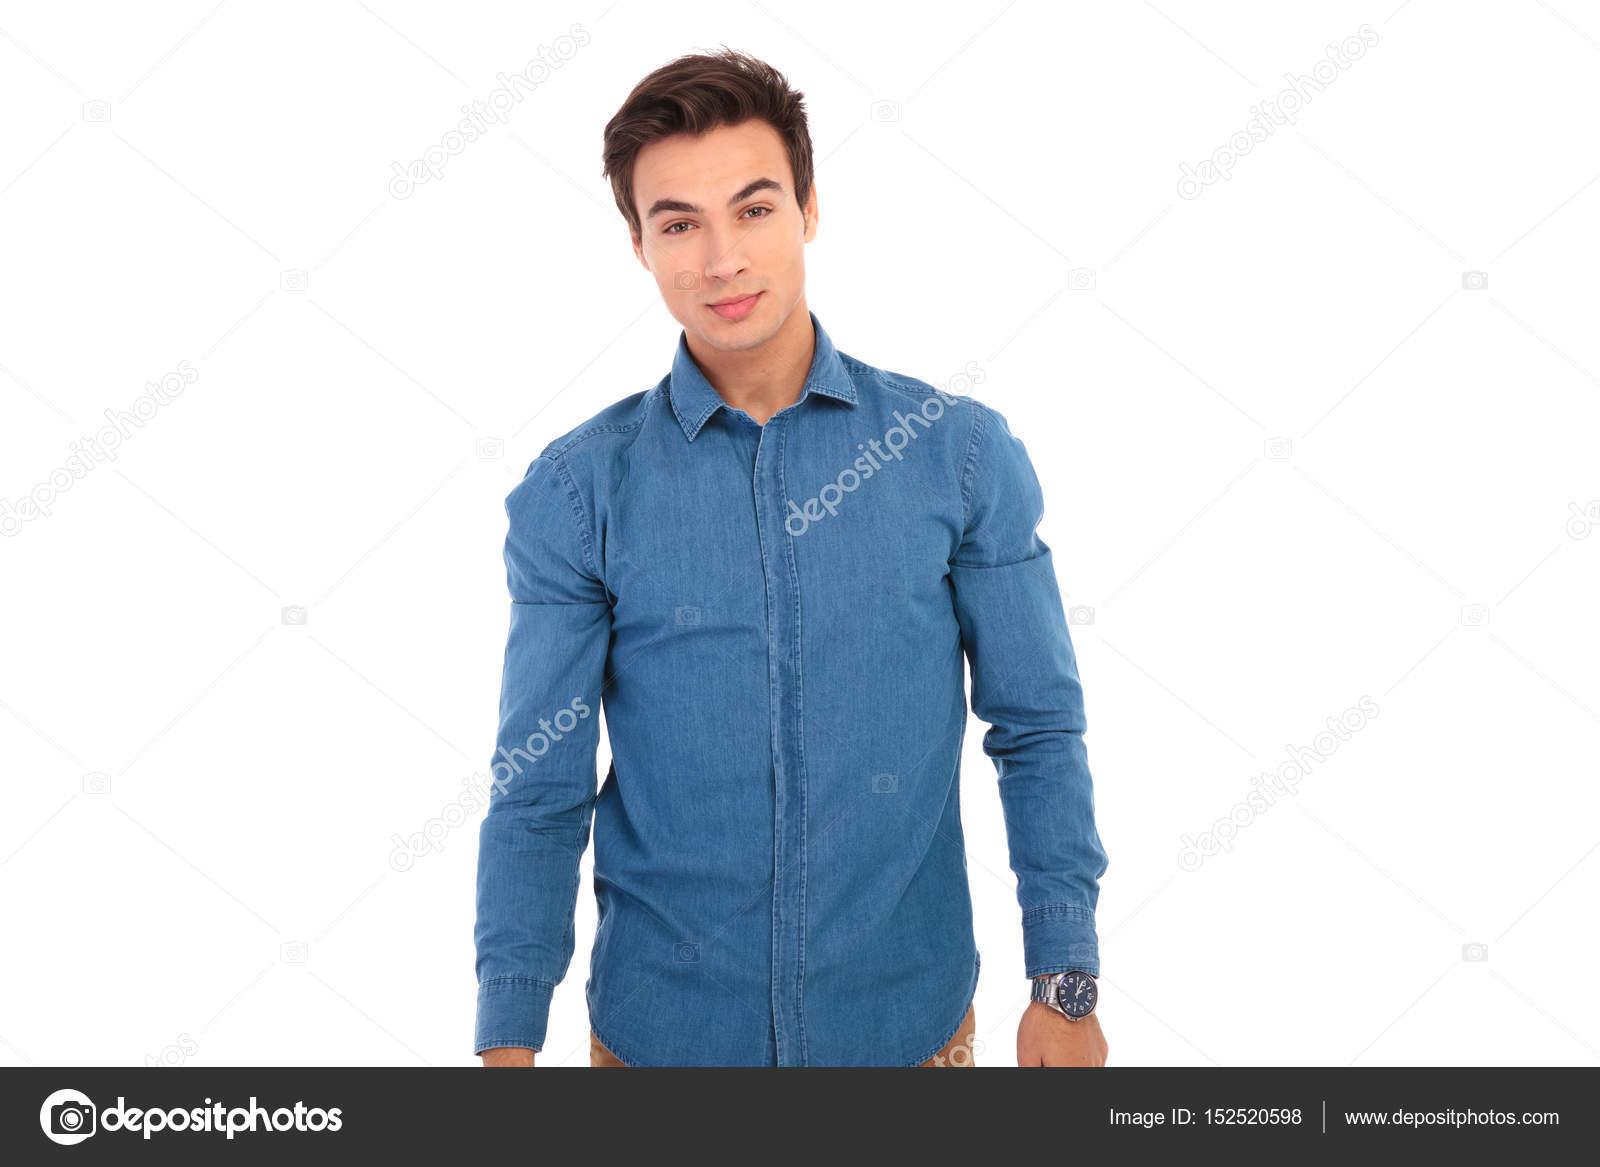 hot sale online 29ad3 aa3b7 Giovane in camicia blu jeans esamina la macchina fotografica ...